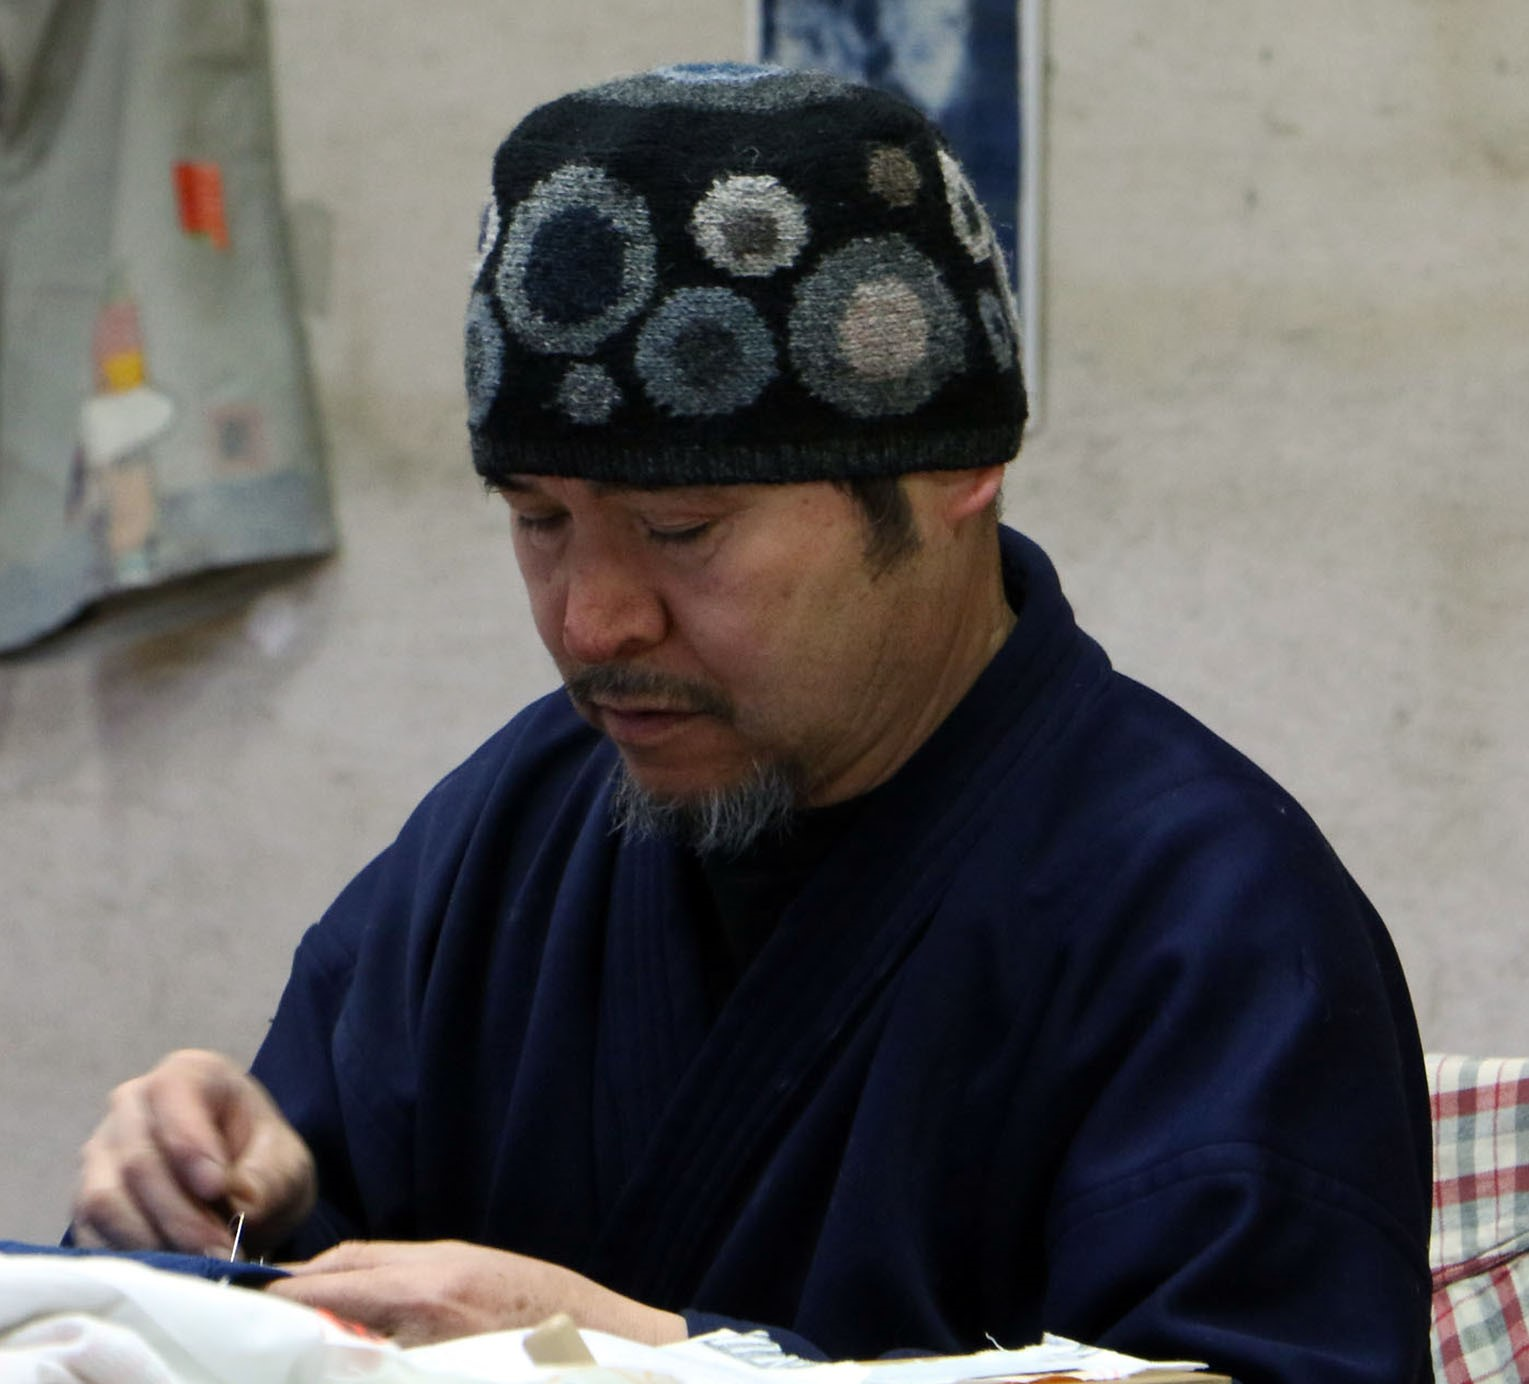 Mottainai Takao Momiyama österlen.se